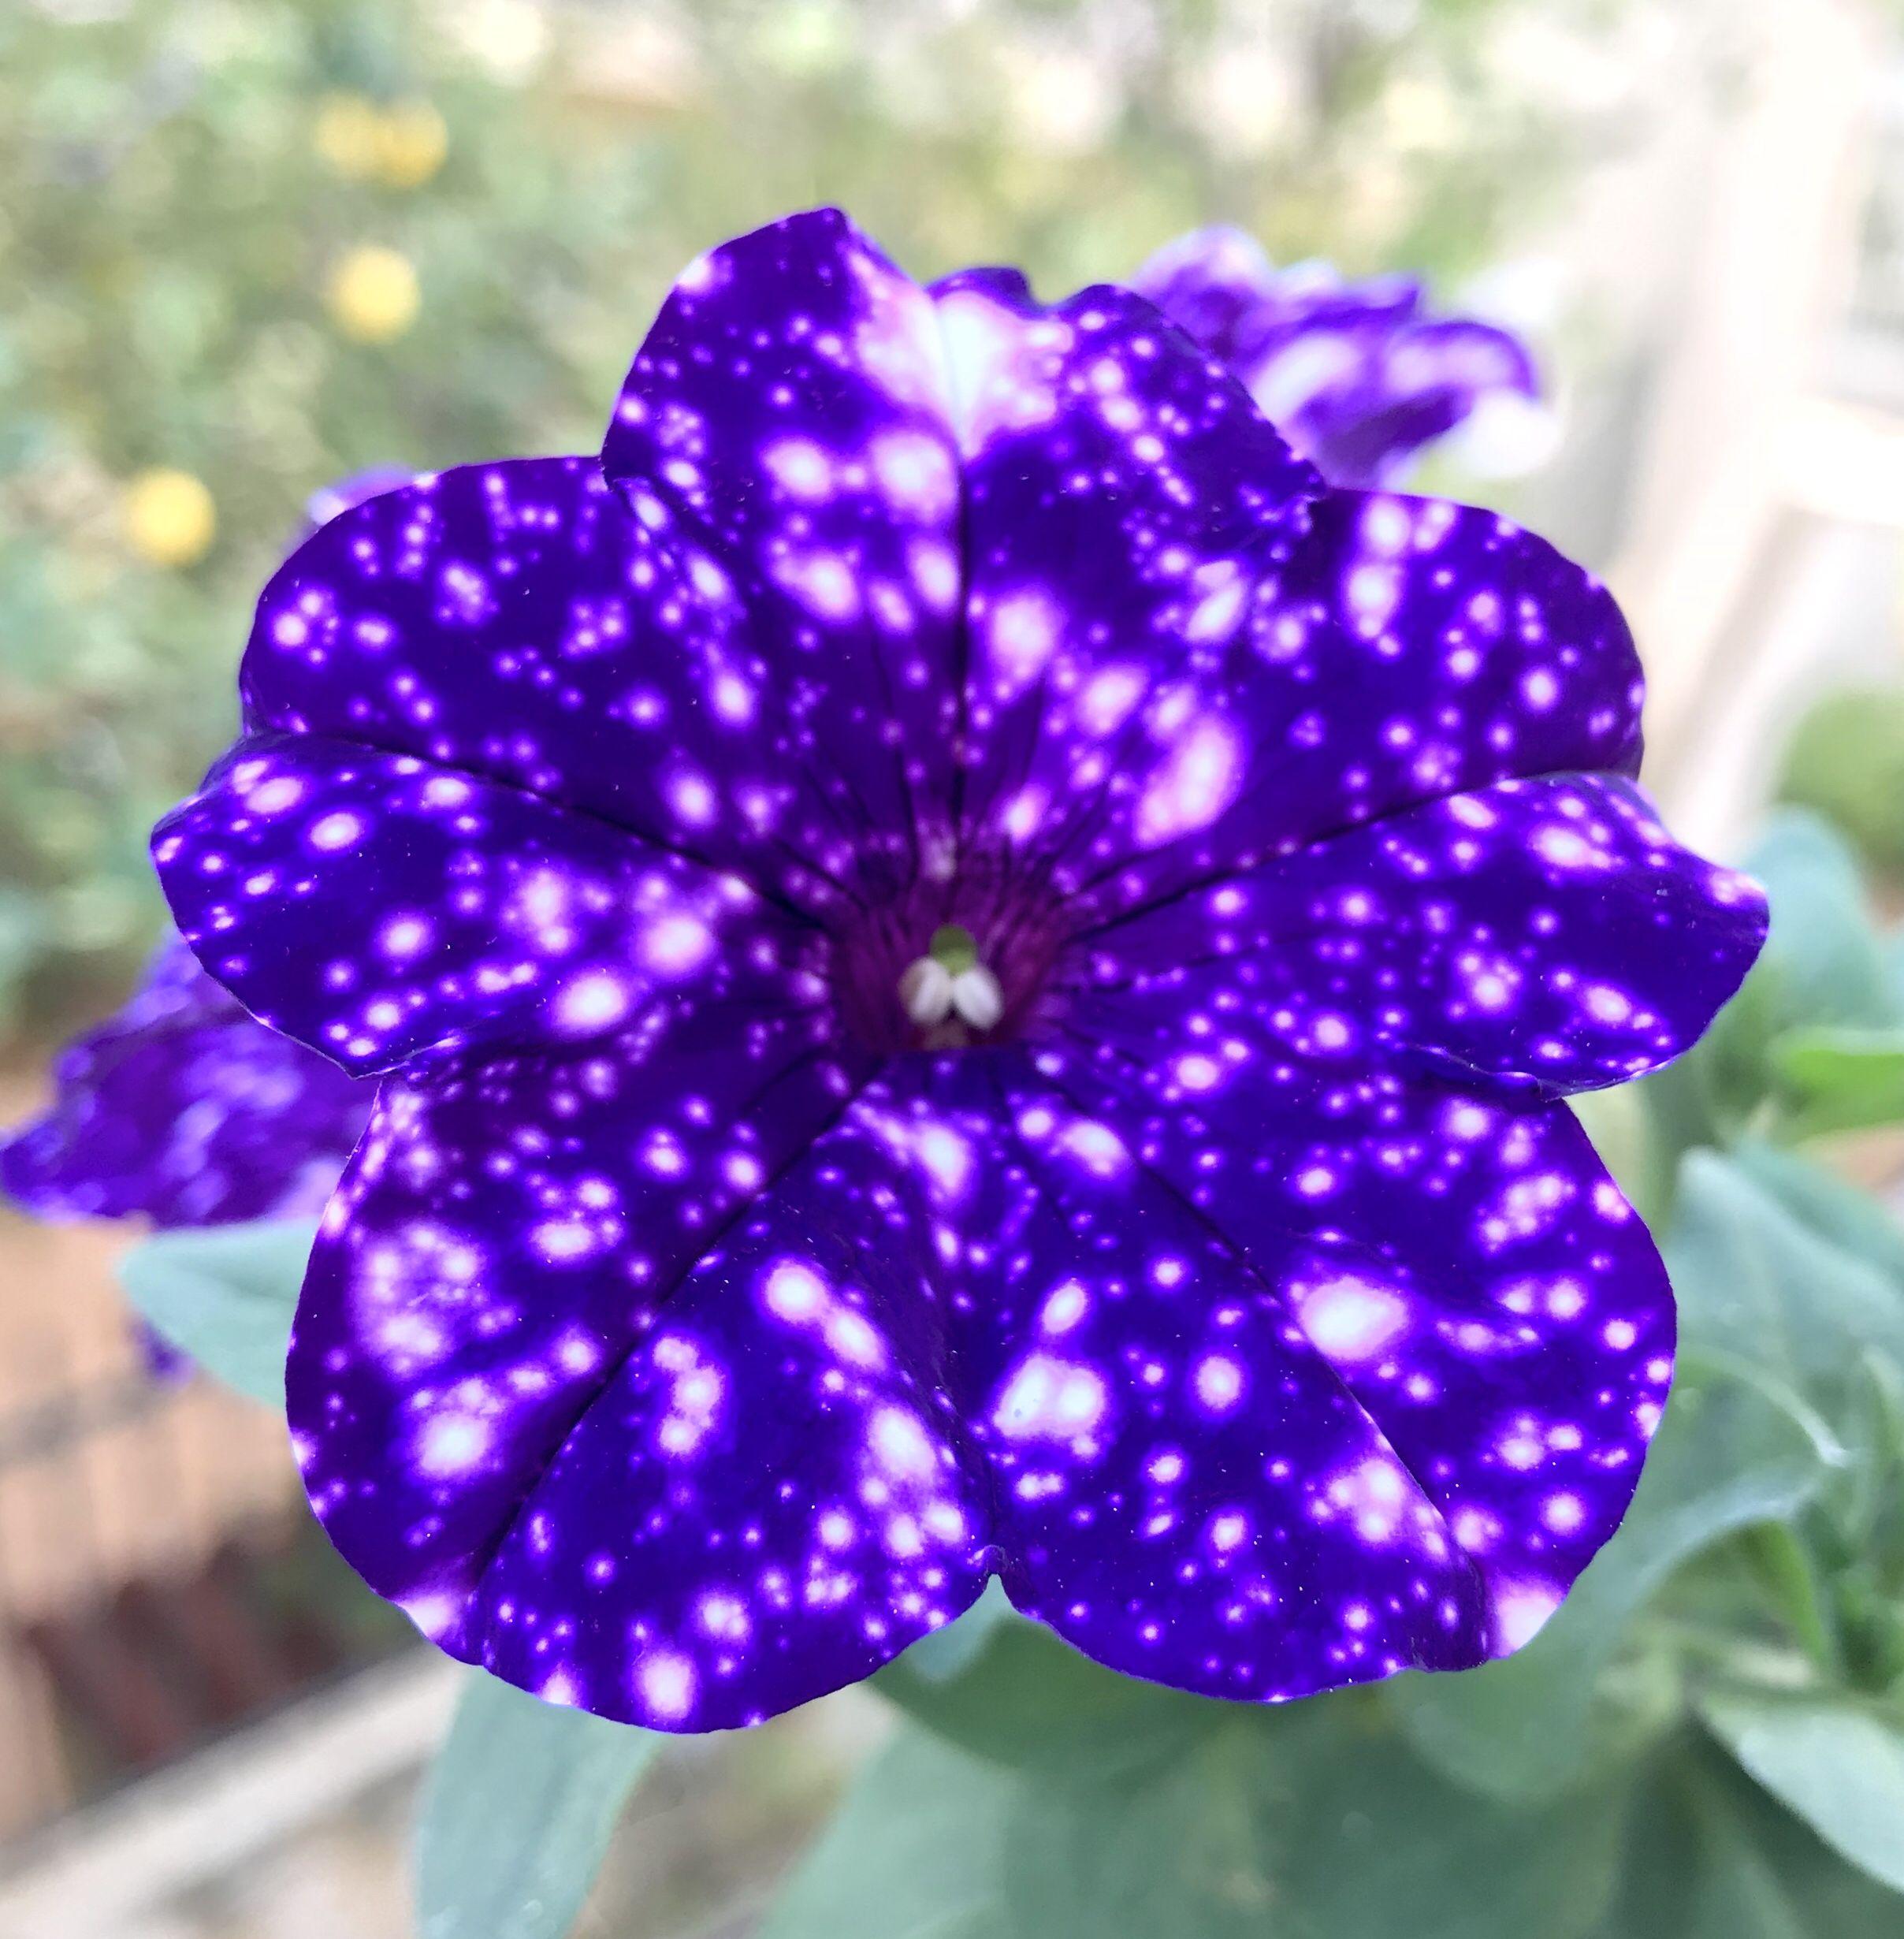 Petunia Cultivars Night Sky Galaxy Flowers Petunias Flowers